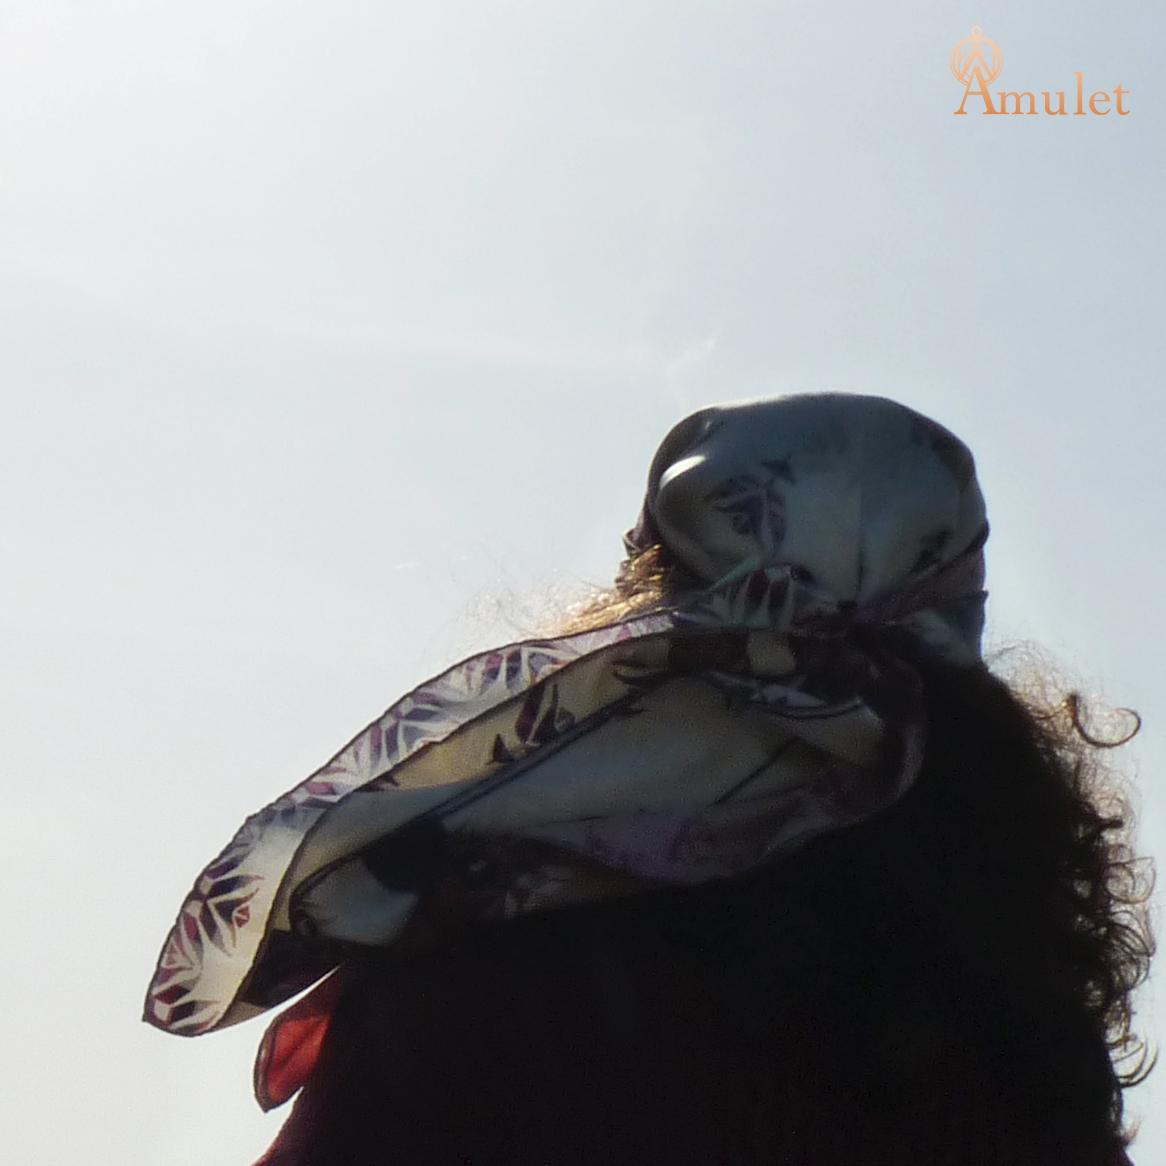 amuletfoulard-new-silkscarf-nouveau-carre-cluaran-apaisant-soothing-foulard-made-in-france-soie-2021